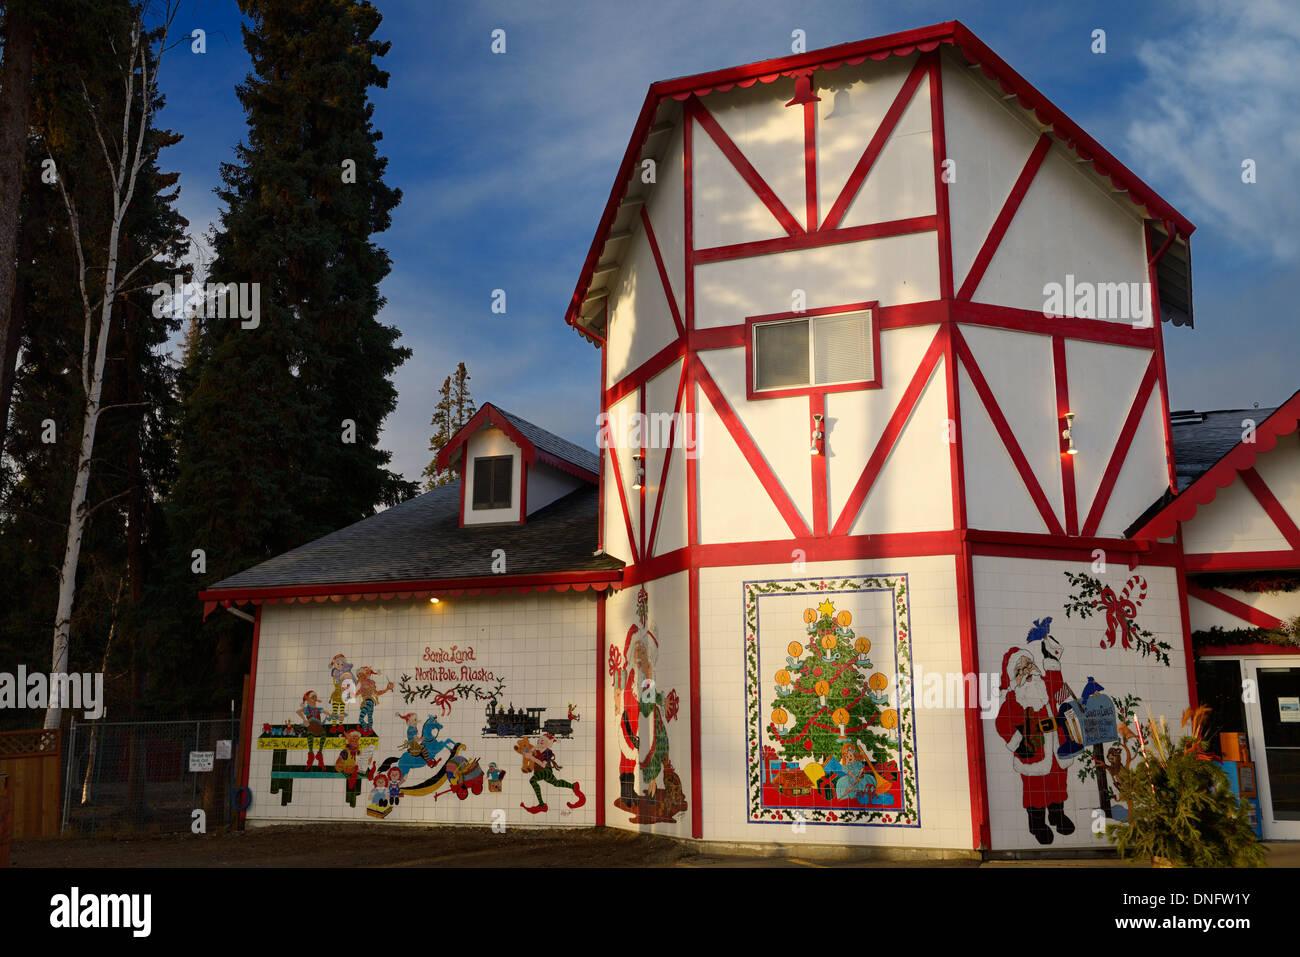 Immagini Natale Usa.Il Babbo Natale Casa Santaland Al Polo Nord Alaska Usa Con Scena Di